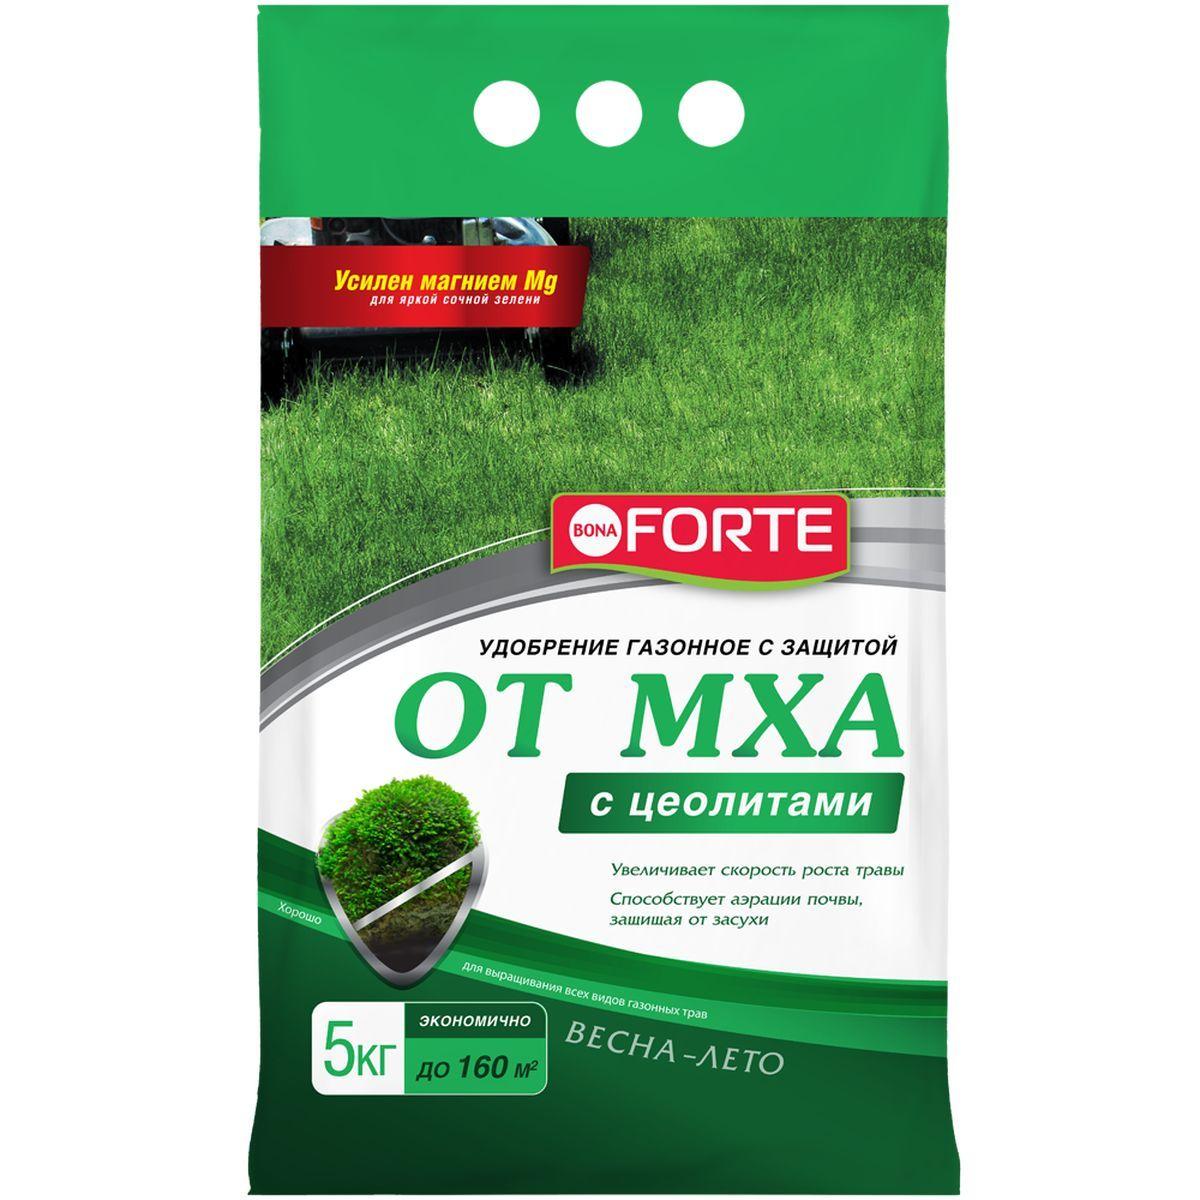 Удобрение Bona Forte, для газона, от мха, 5 кгBF-23-01-036-1Для применения в затененных, ослабленных мхом газонах. - уничтожает мох на газоне - предотвращает рост мха - обеспечивает питание газона и разрыхление почвы - придает газону насыщенный зеленый цвет